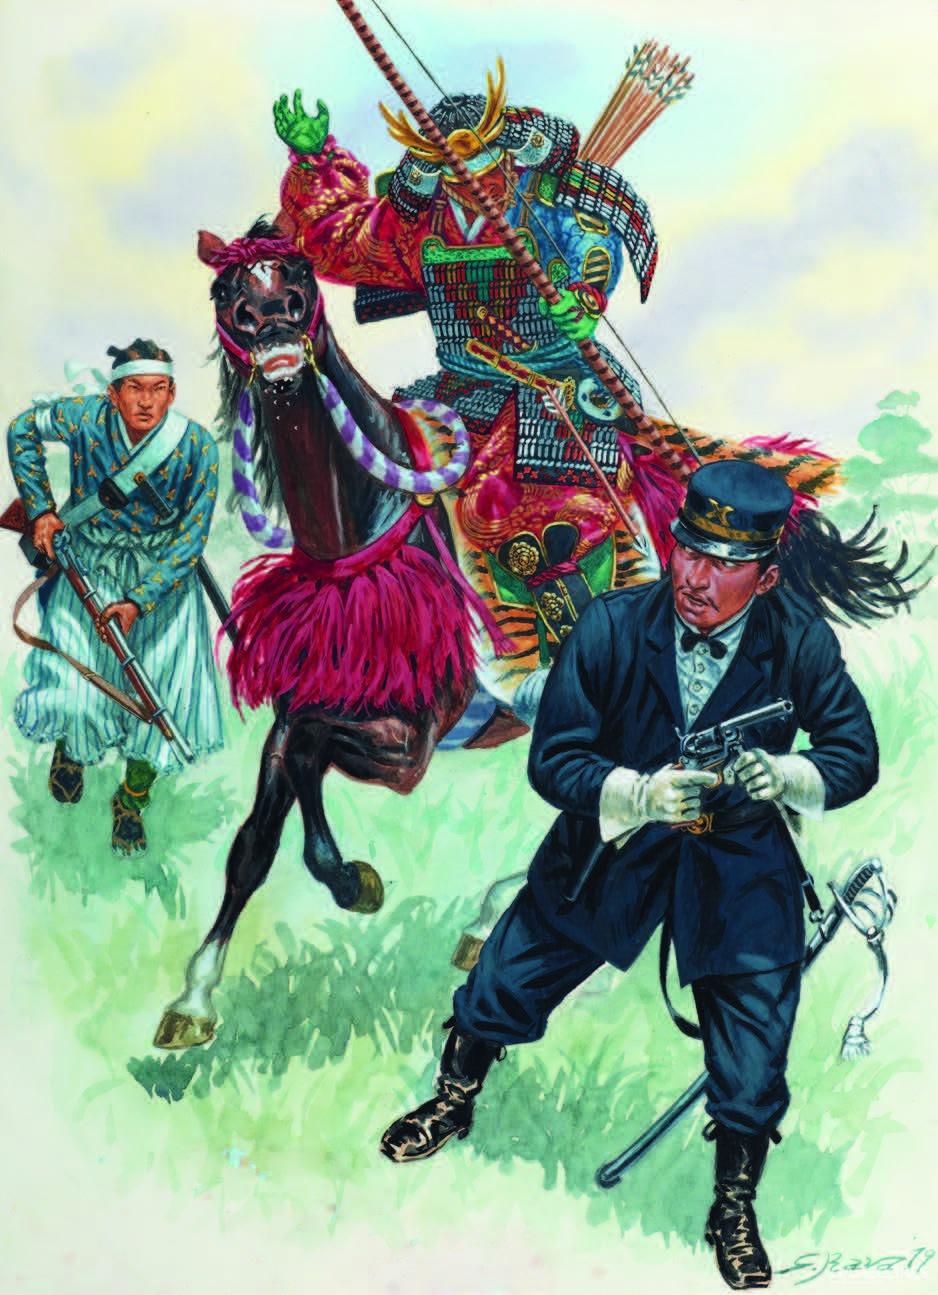 萨摩战争期间的骑马武士正在攻击日本帝国步兵